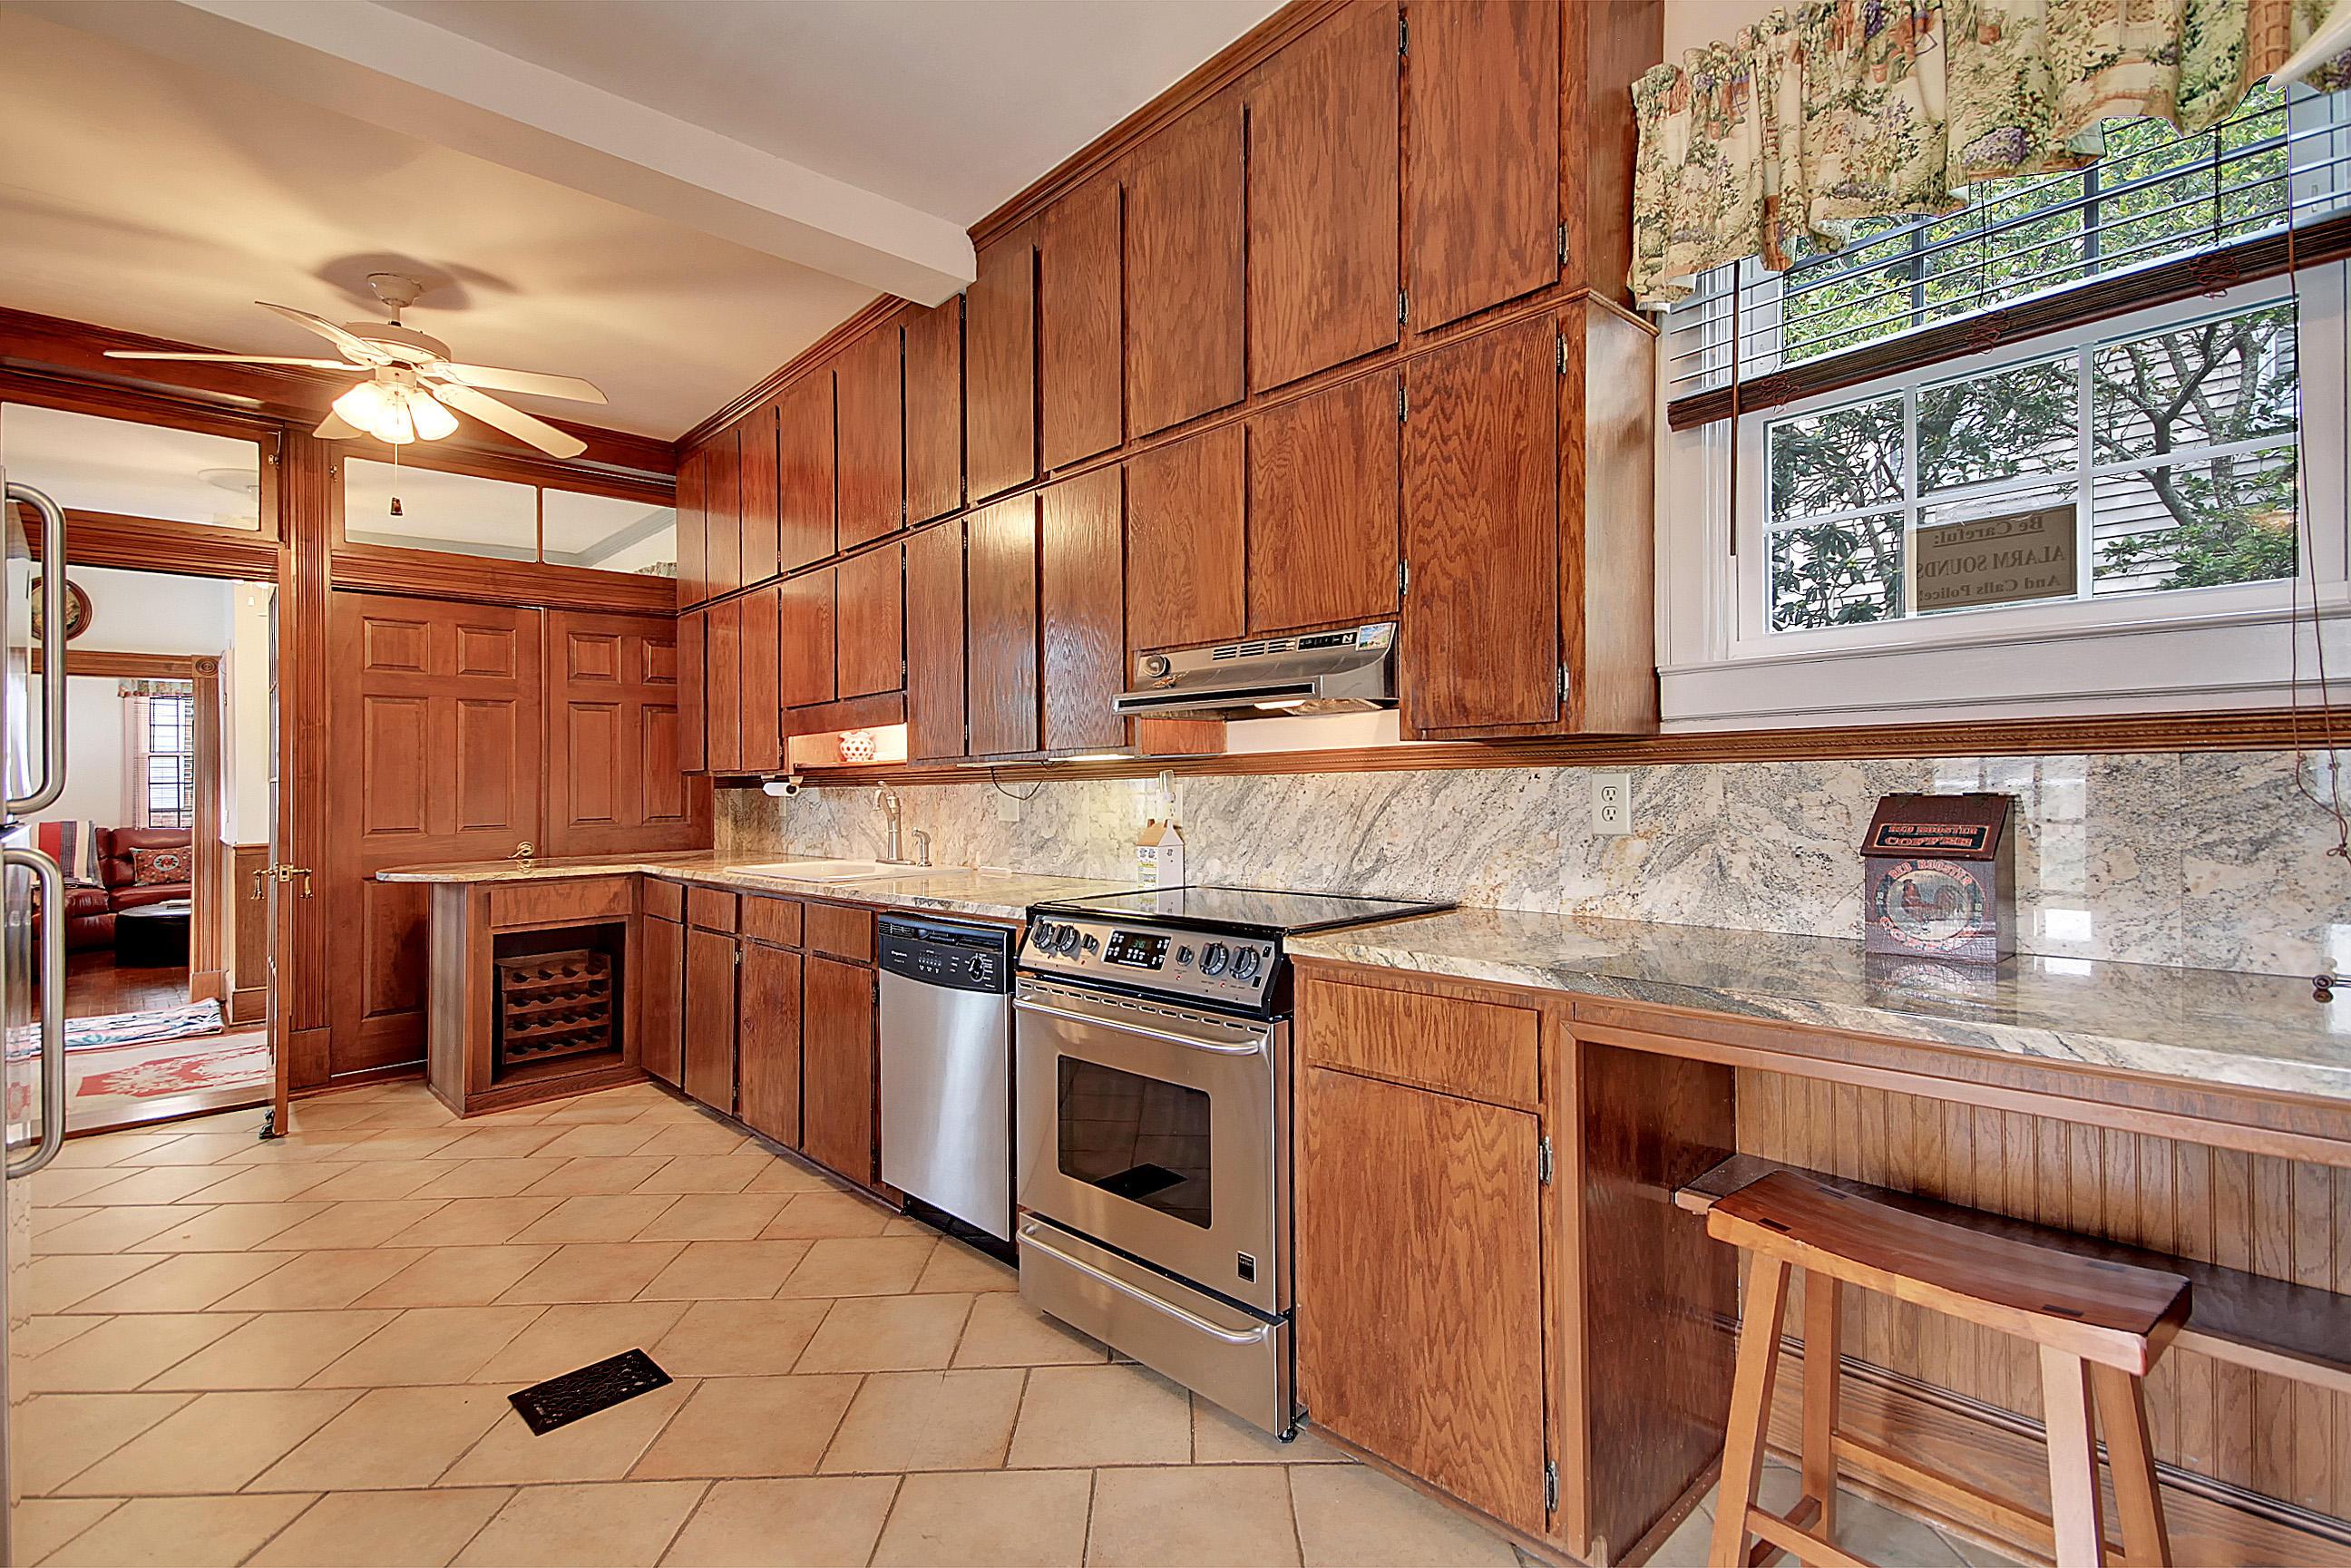 Harleston Village Homes For Sale - 218 Wentworth, Charleston, SC - 3